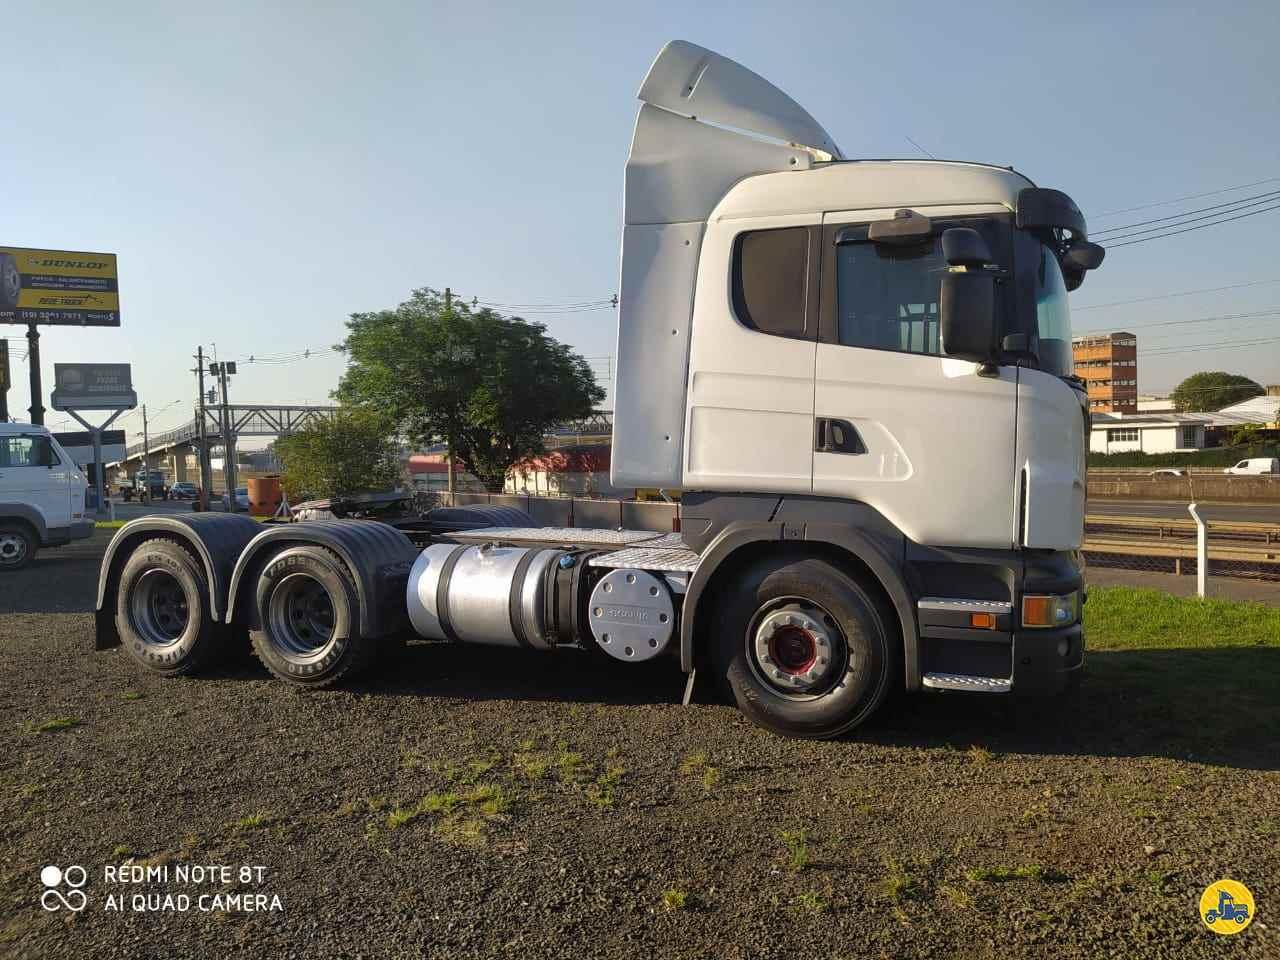 SCANIA SCANIA 440 751532km 2012/2013 Leque Caminhões